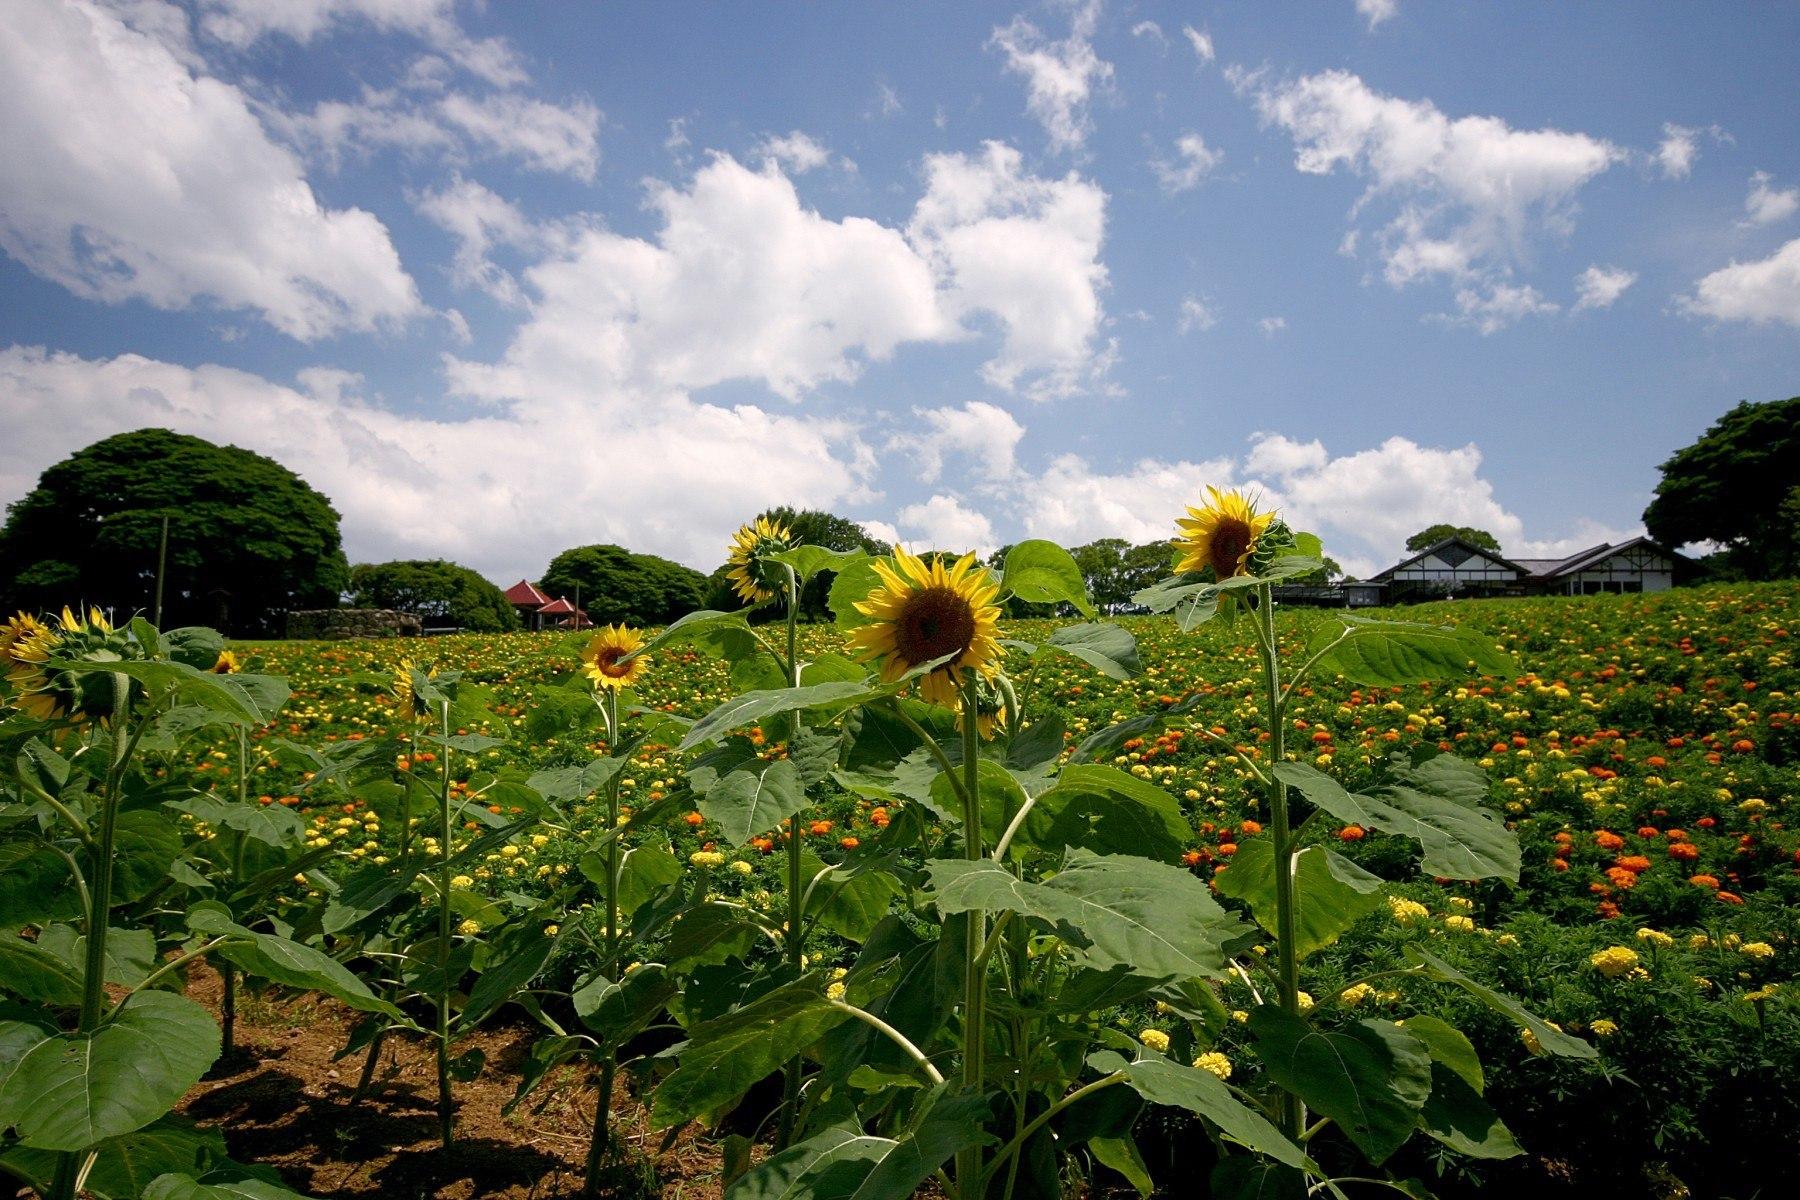 のこのしまアイランドパーク・パノラマ花畑(2009)の画像